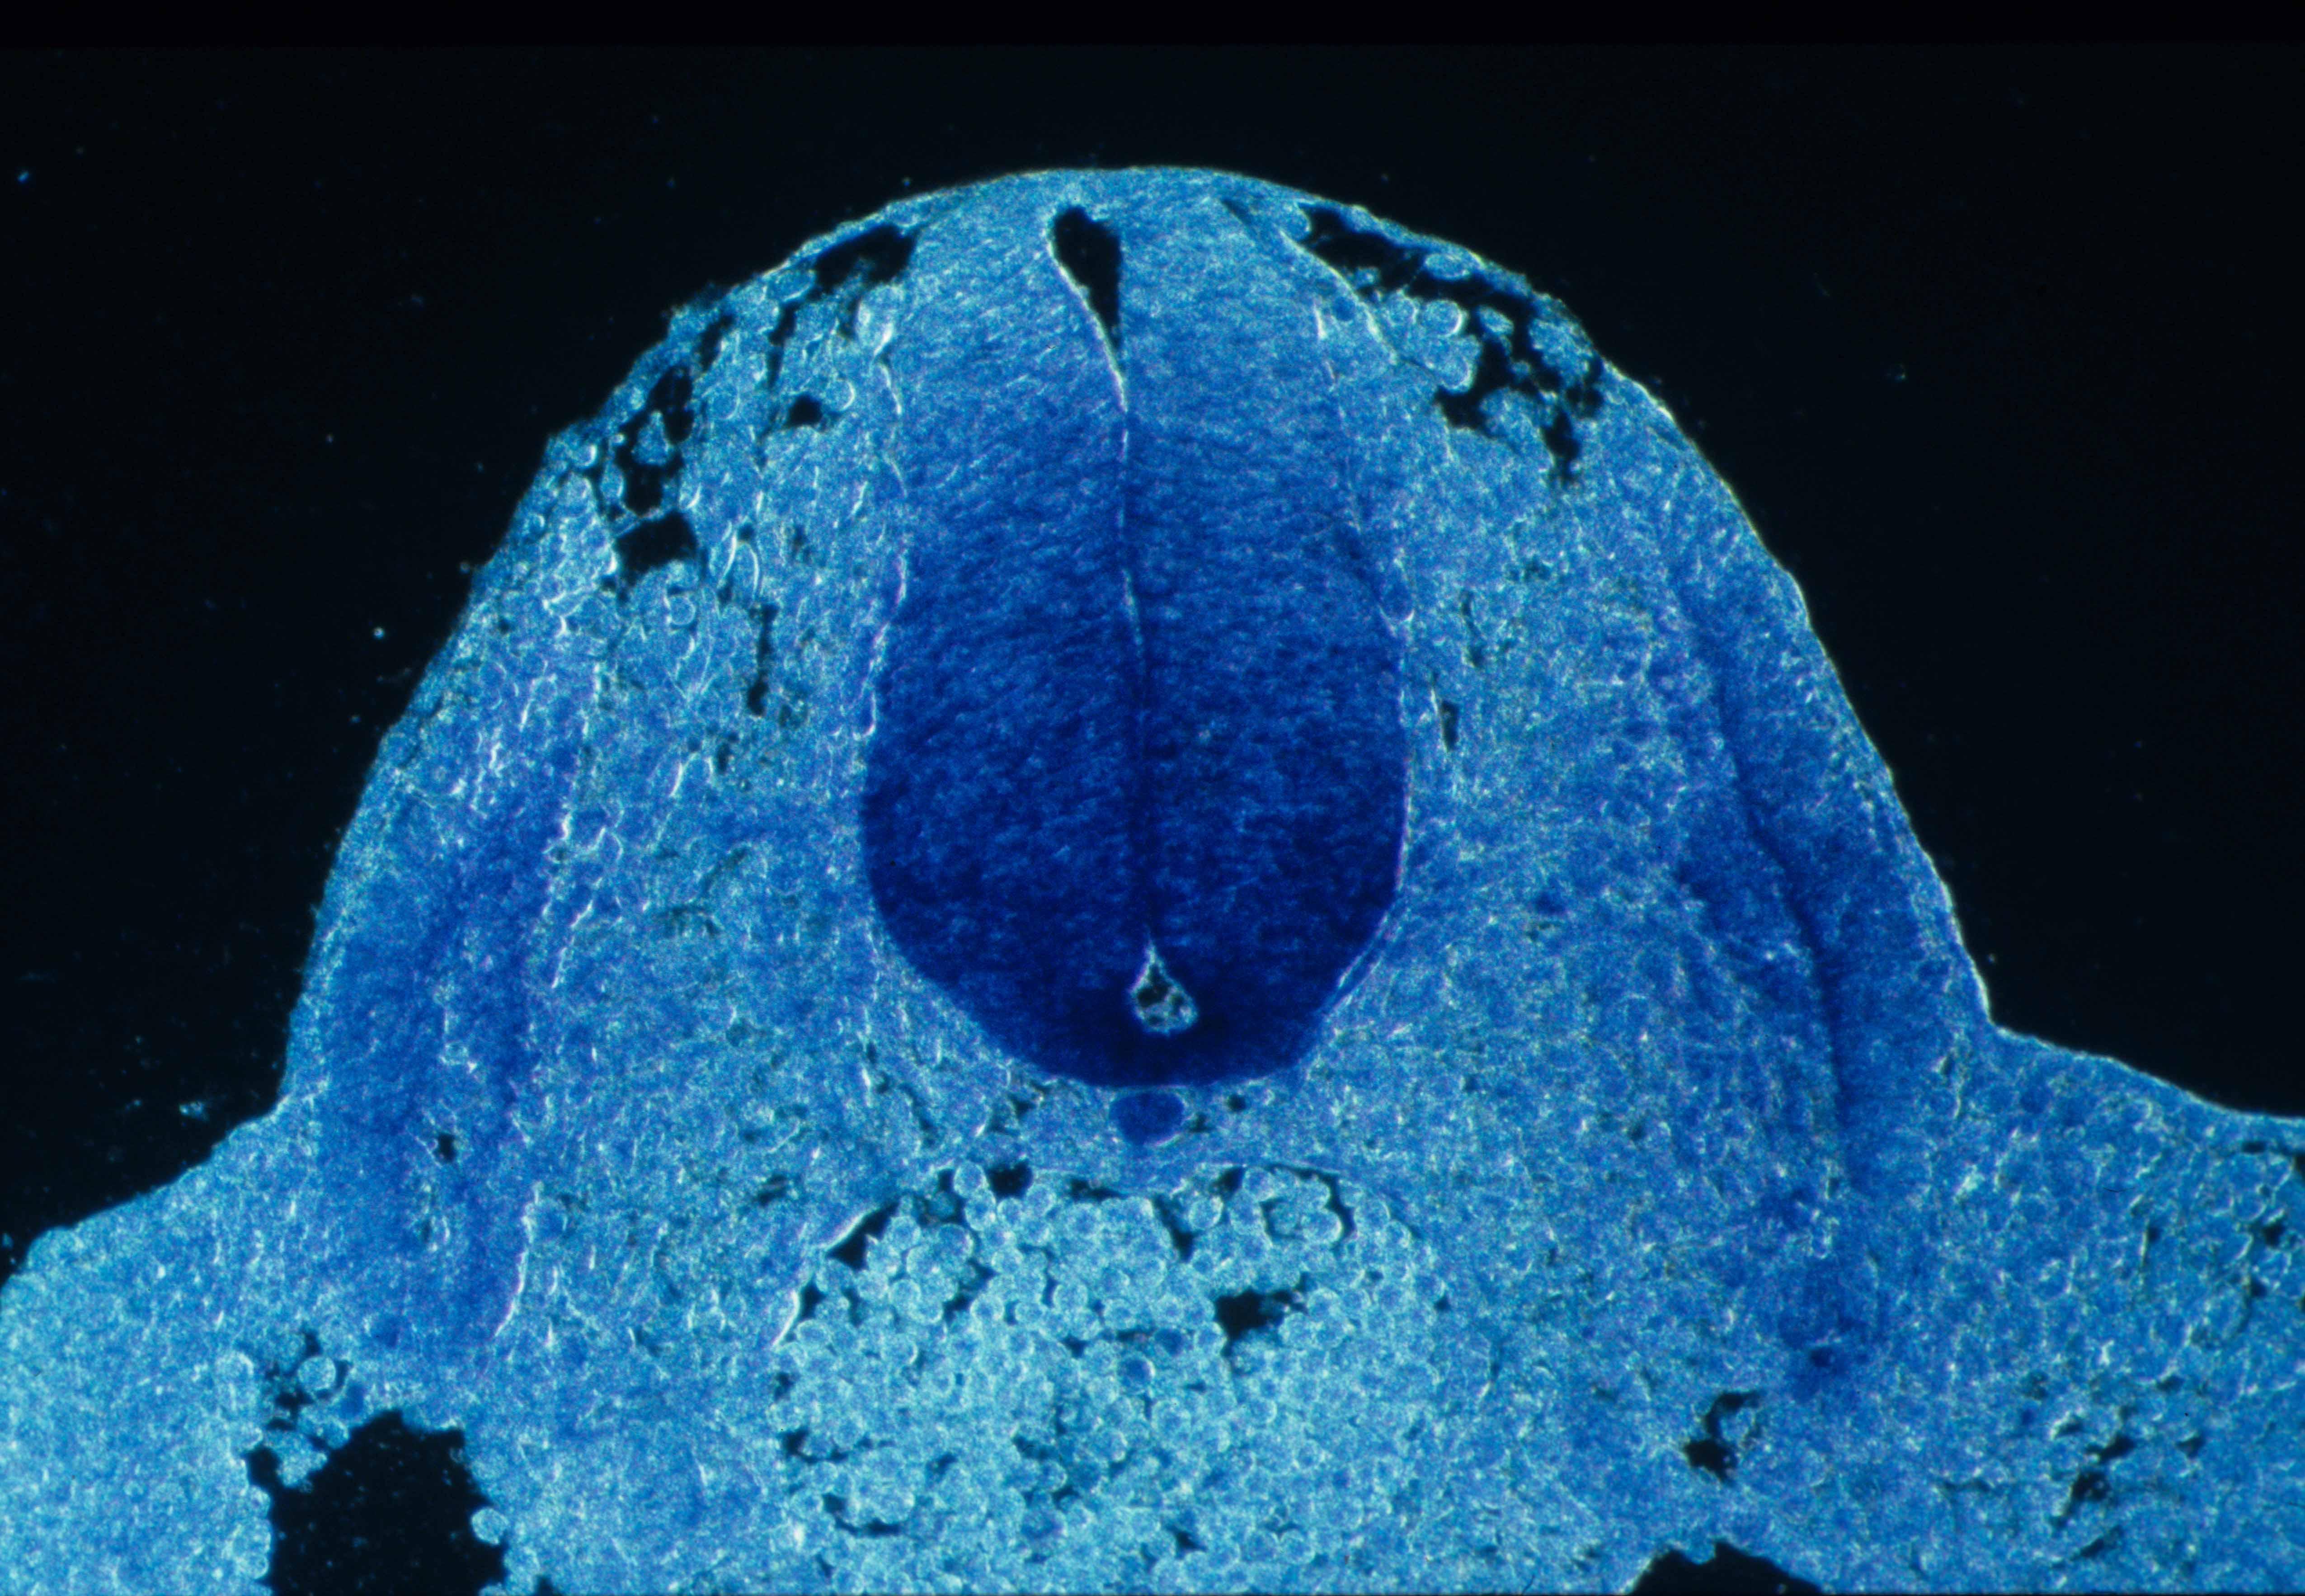 netrin-1 rat E11 spinal cord